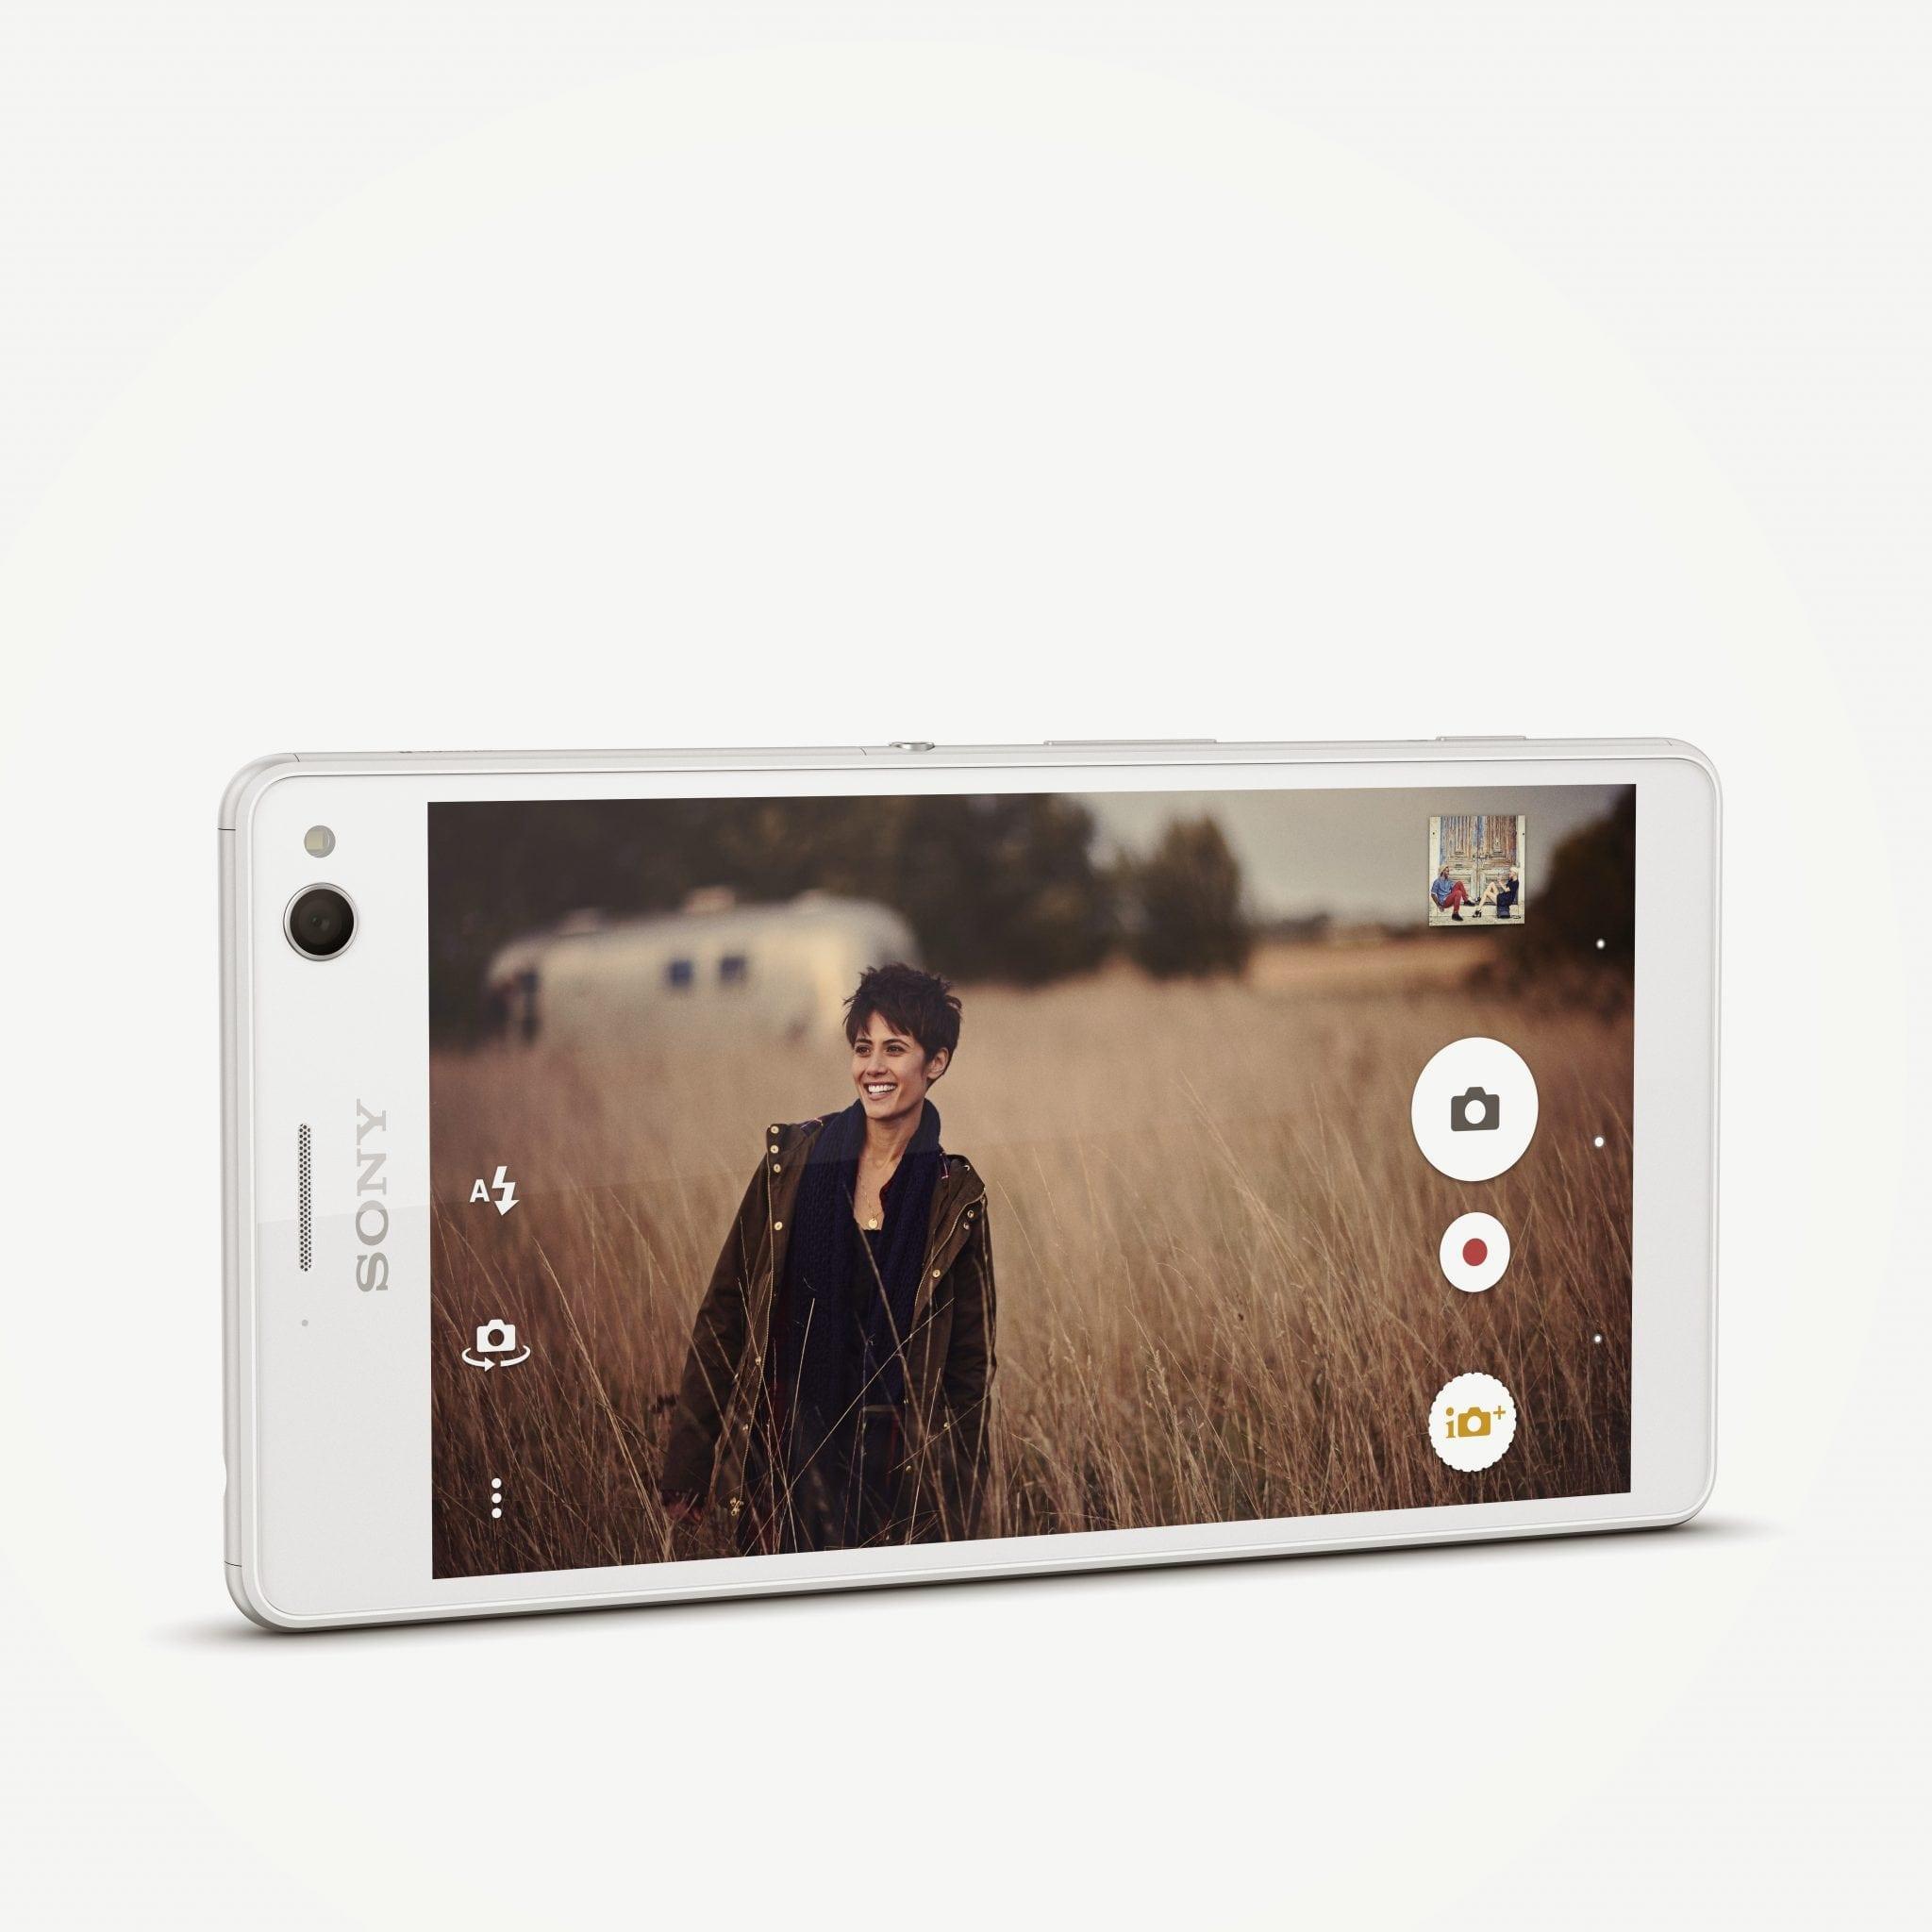 Sony  Xperia C4: totul despre proselfie smartphone